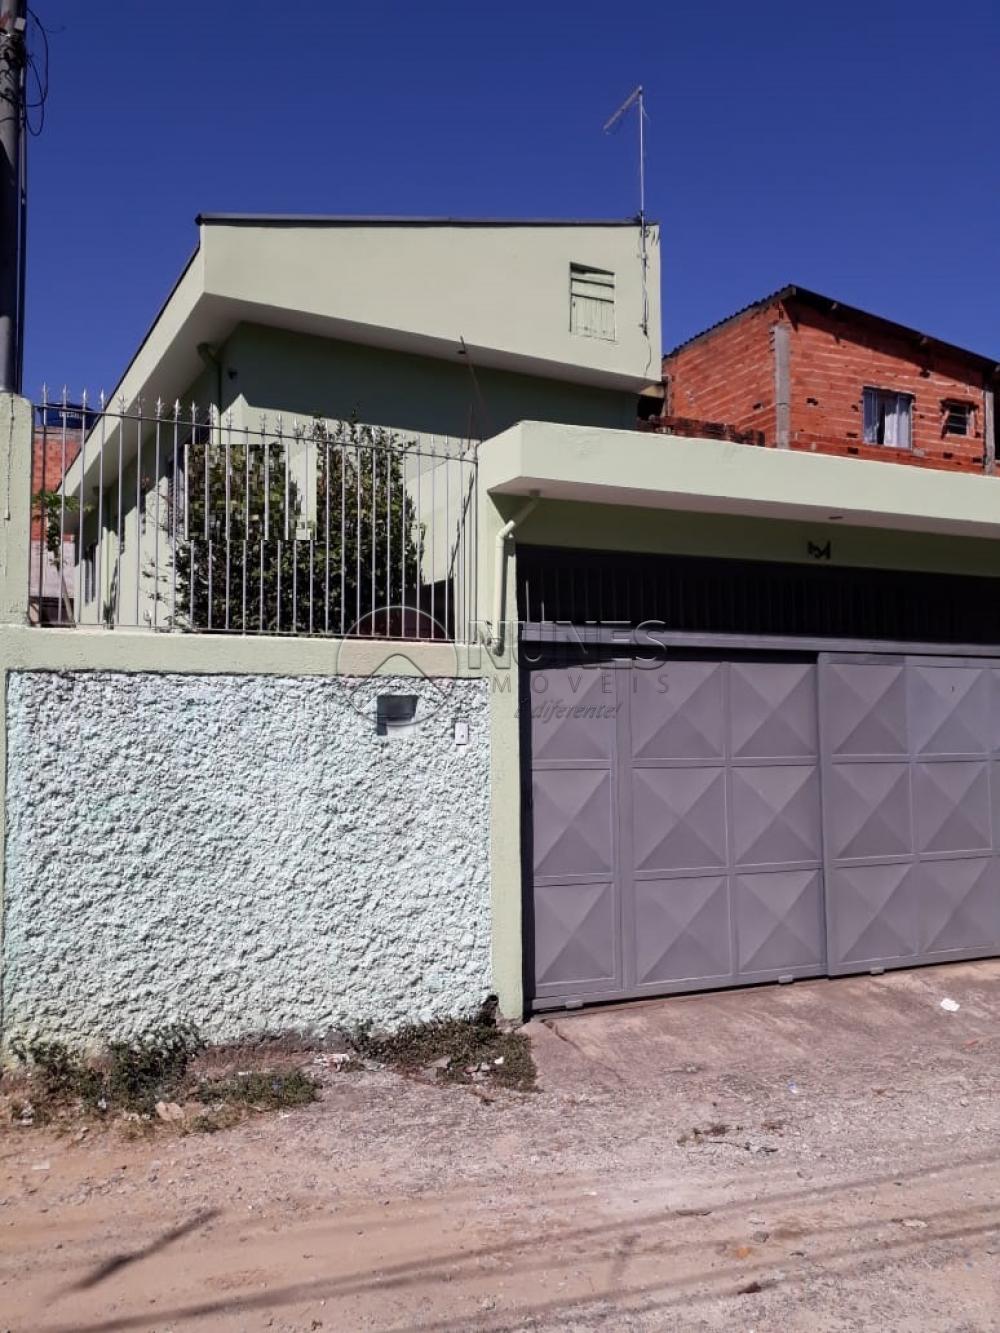 Comprar Casa / Sobrado em Carapicuíba apenas R$ 380.000,00 - Foto 2